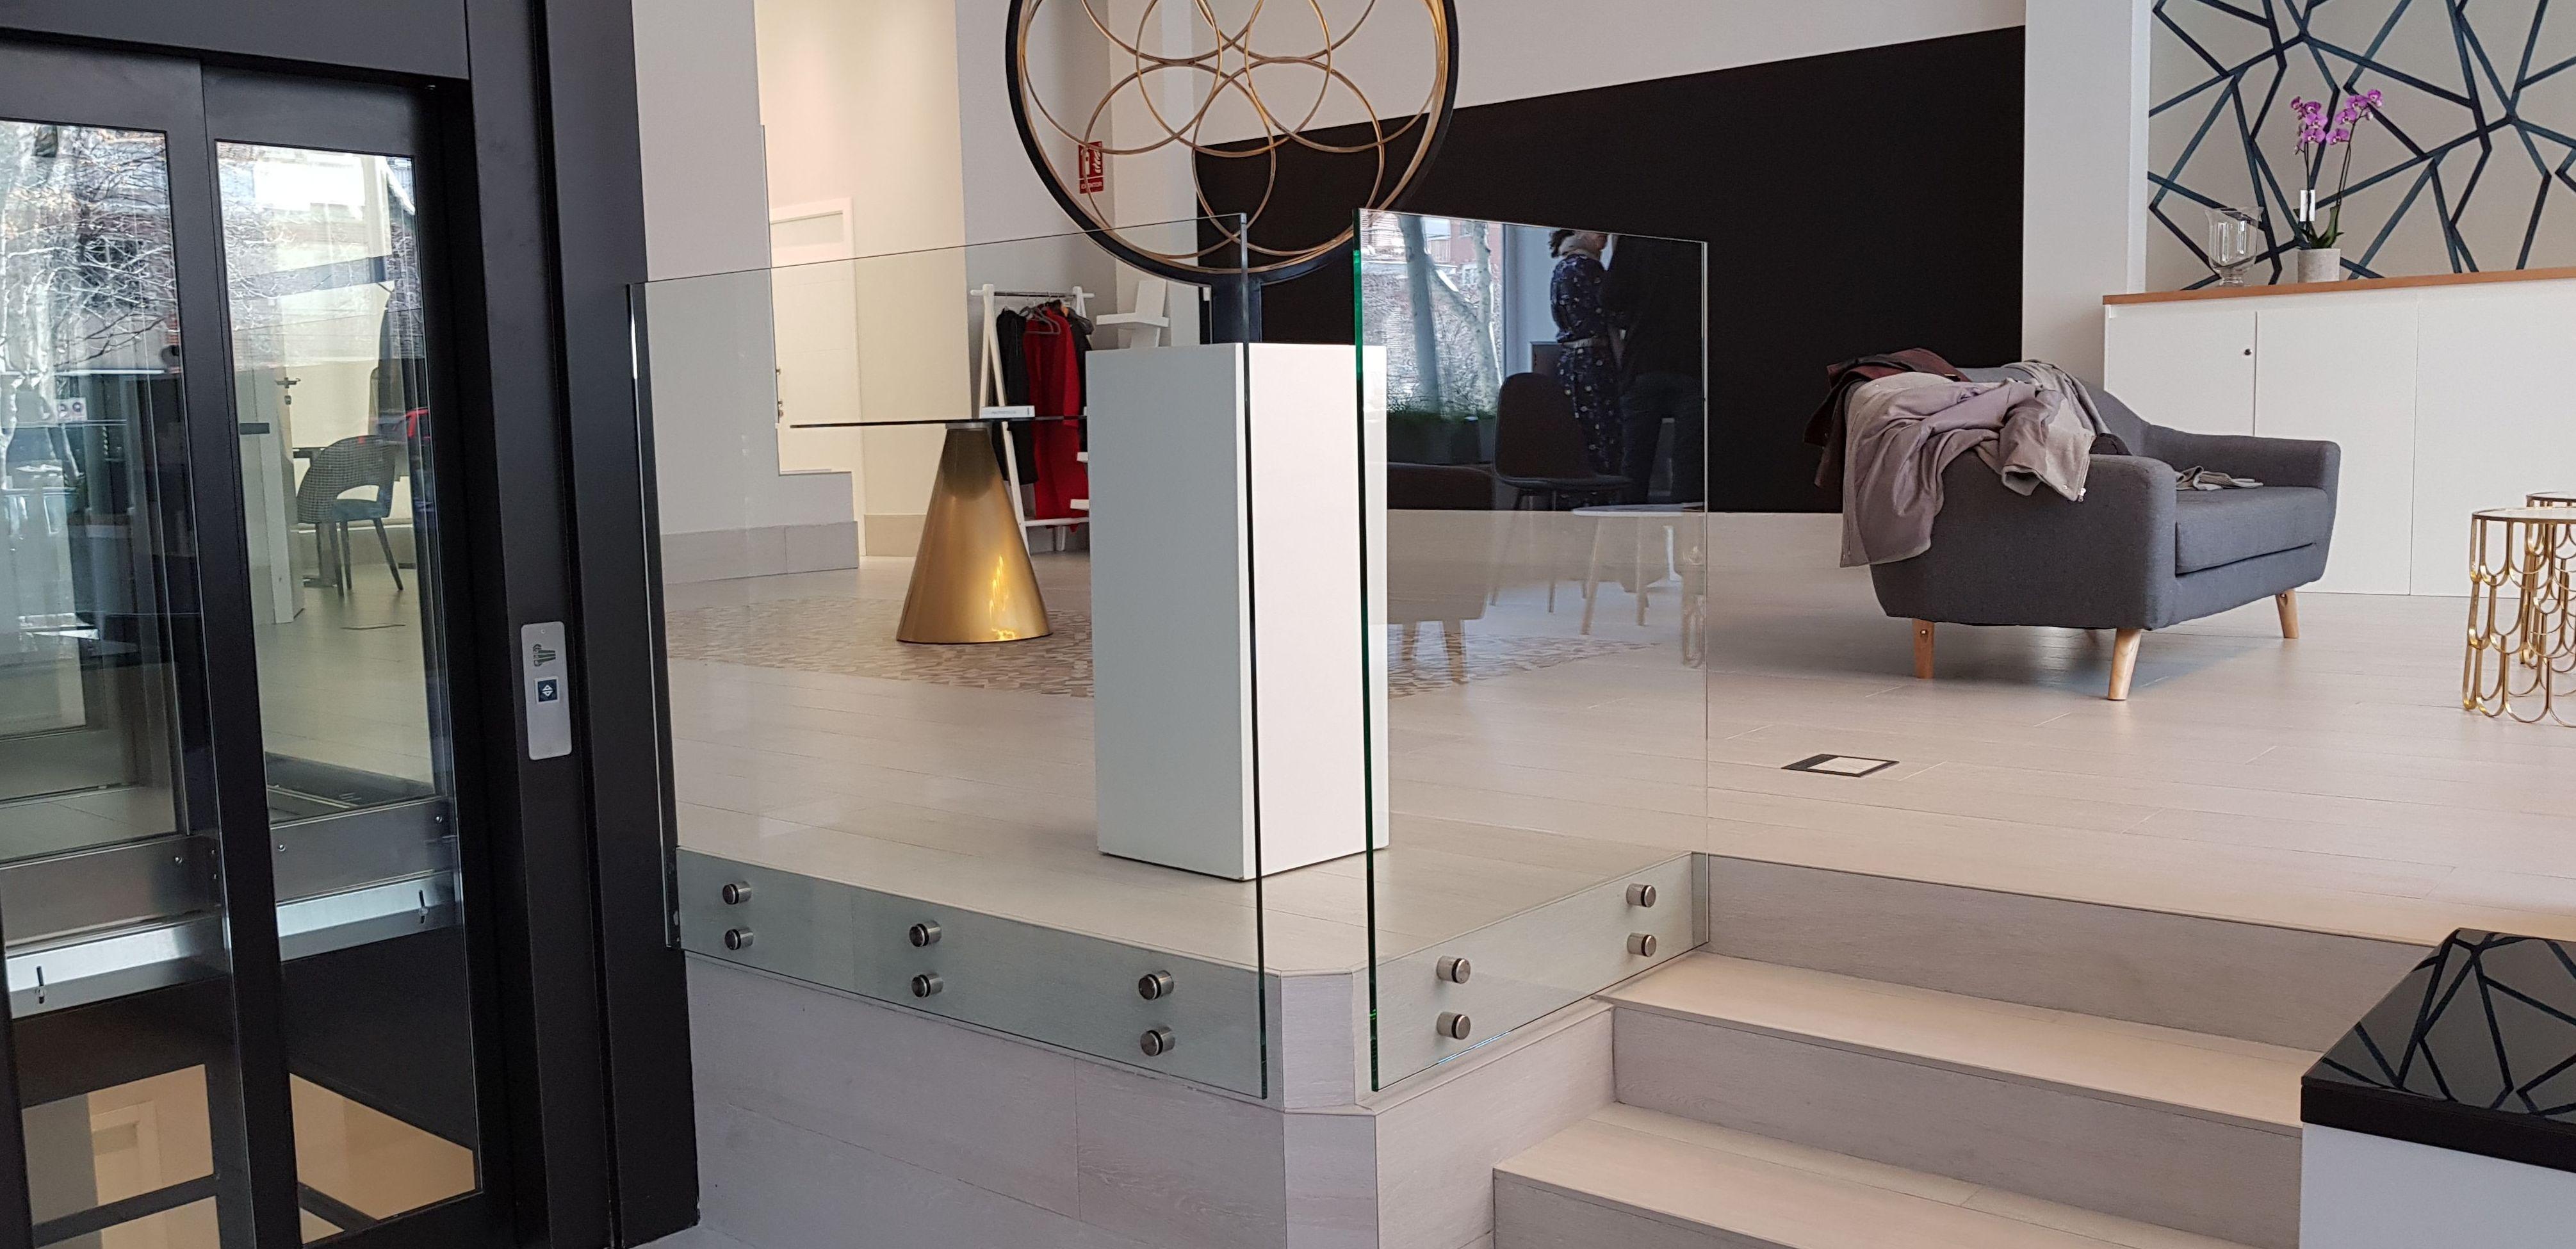 cristaleria-formas-barandilla-vidrio-abotonado